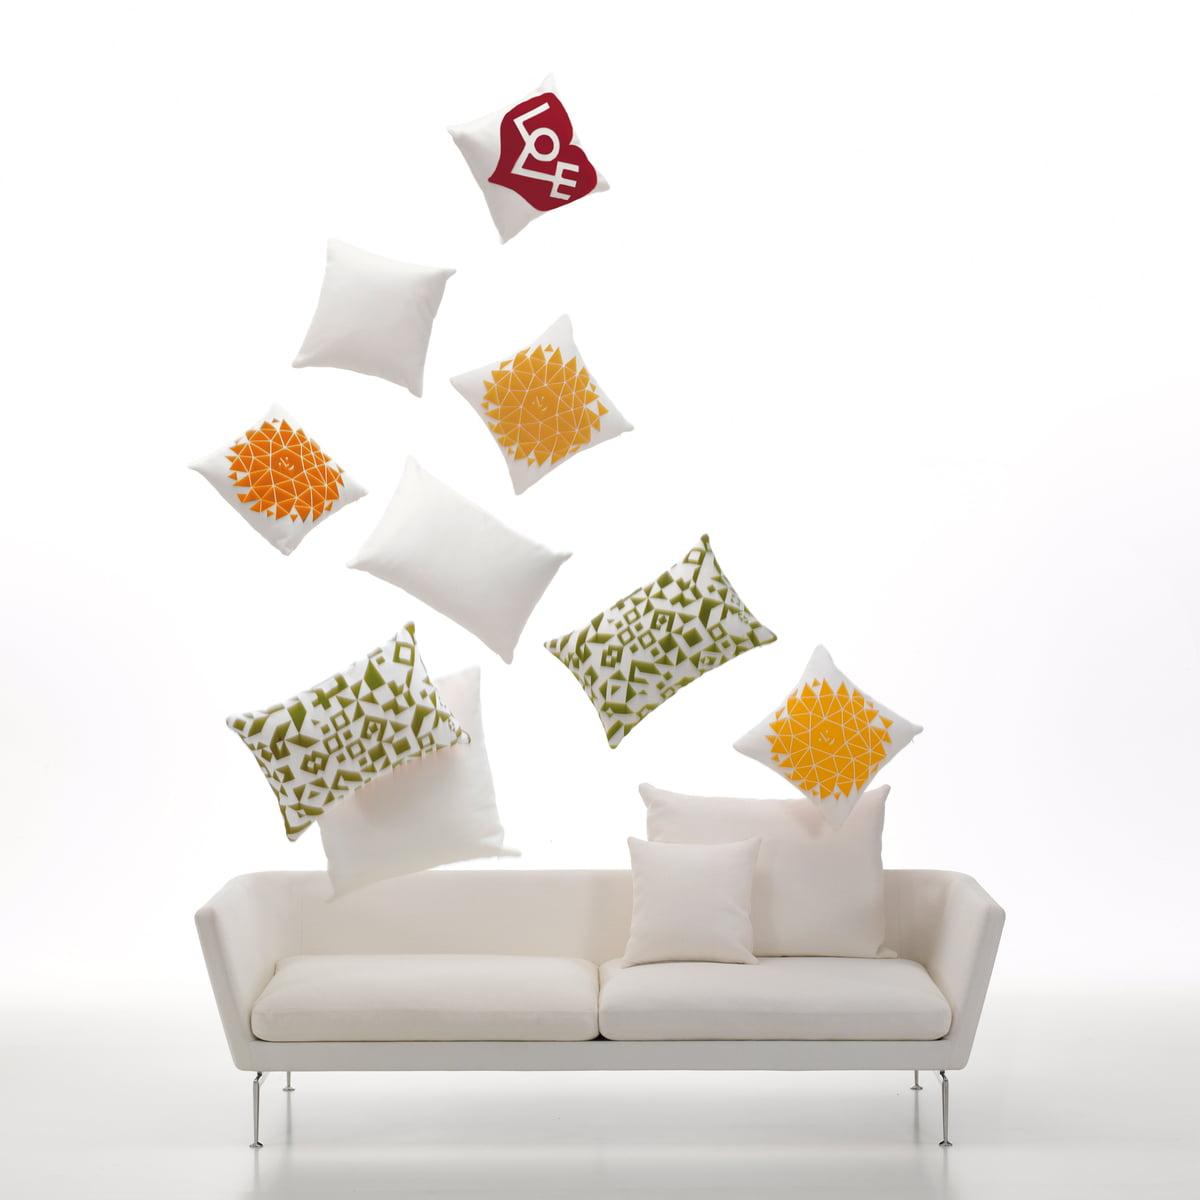 alexander girard love kissen von vitra. Black Bedroom Furniture Sets. Home Design Ideas